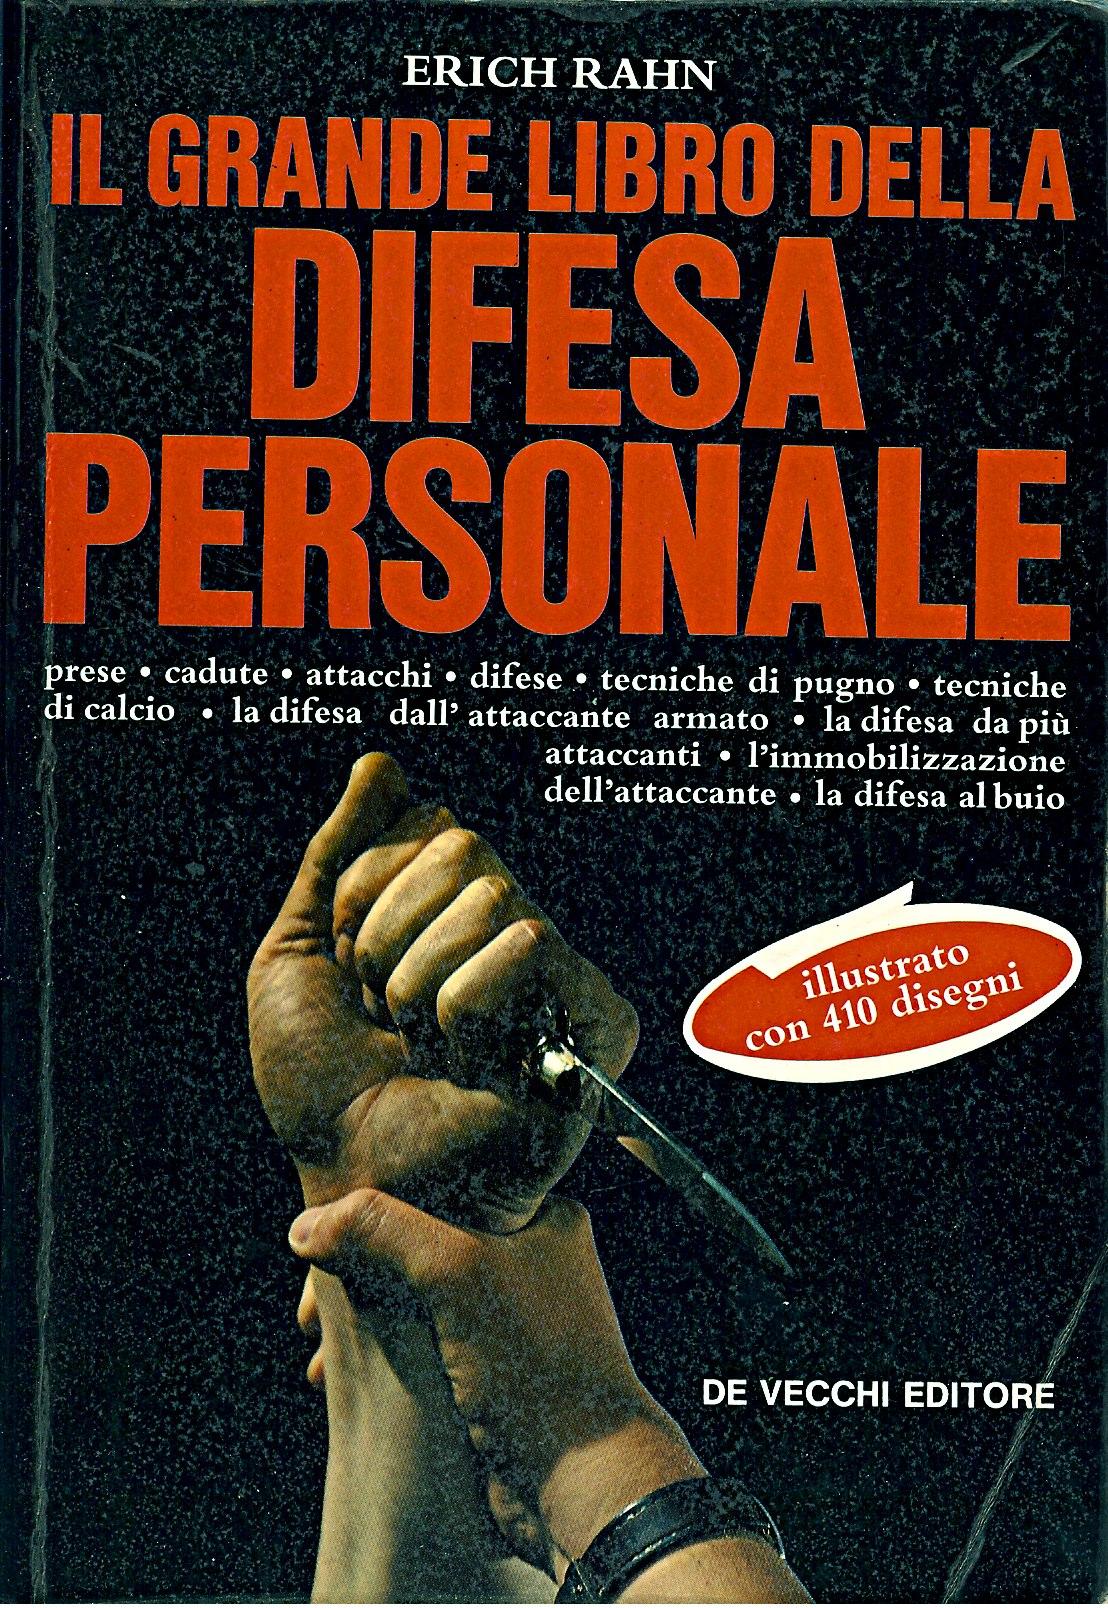 Il grande libro della difesa personale